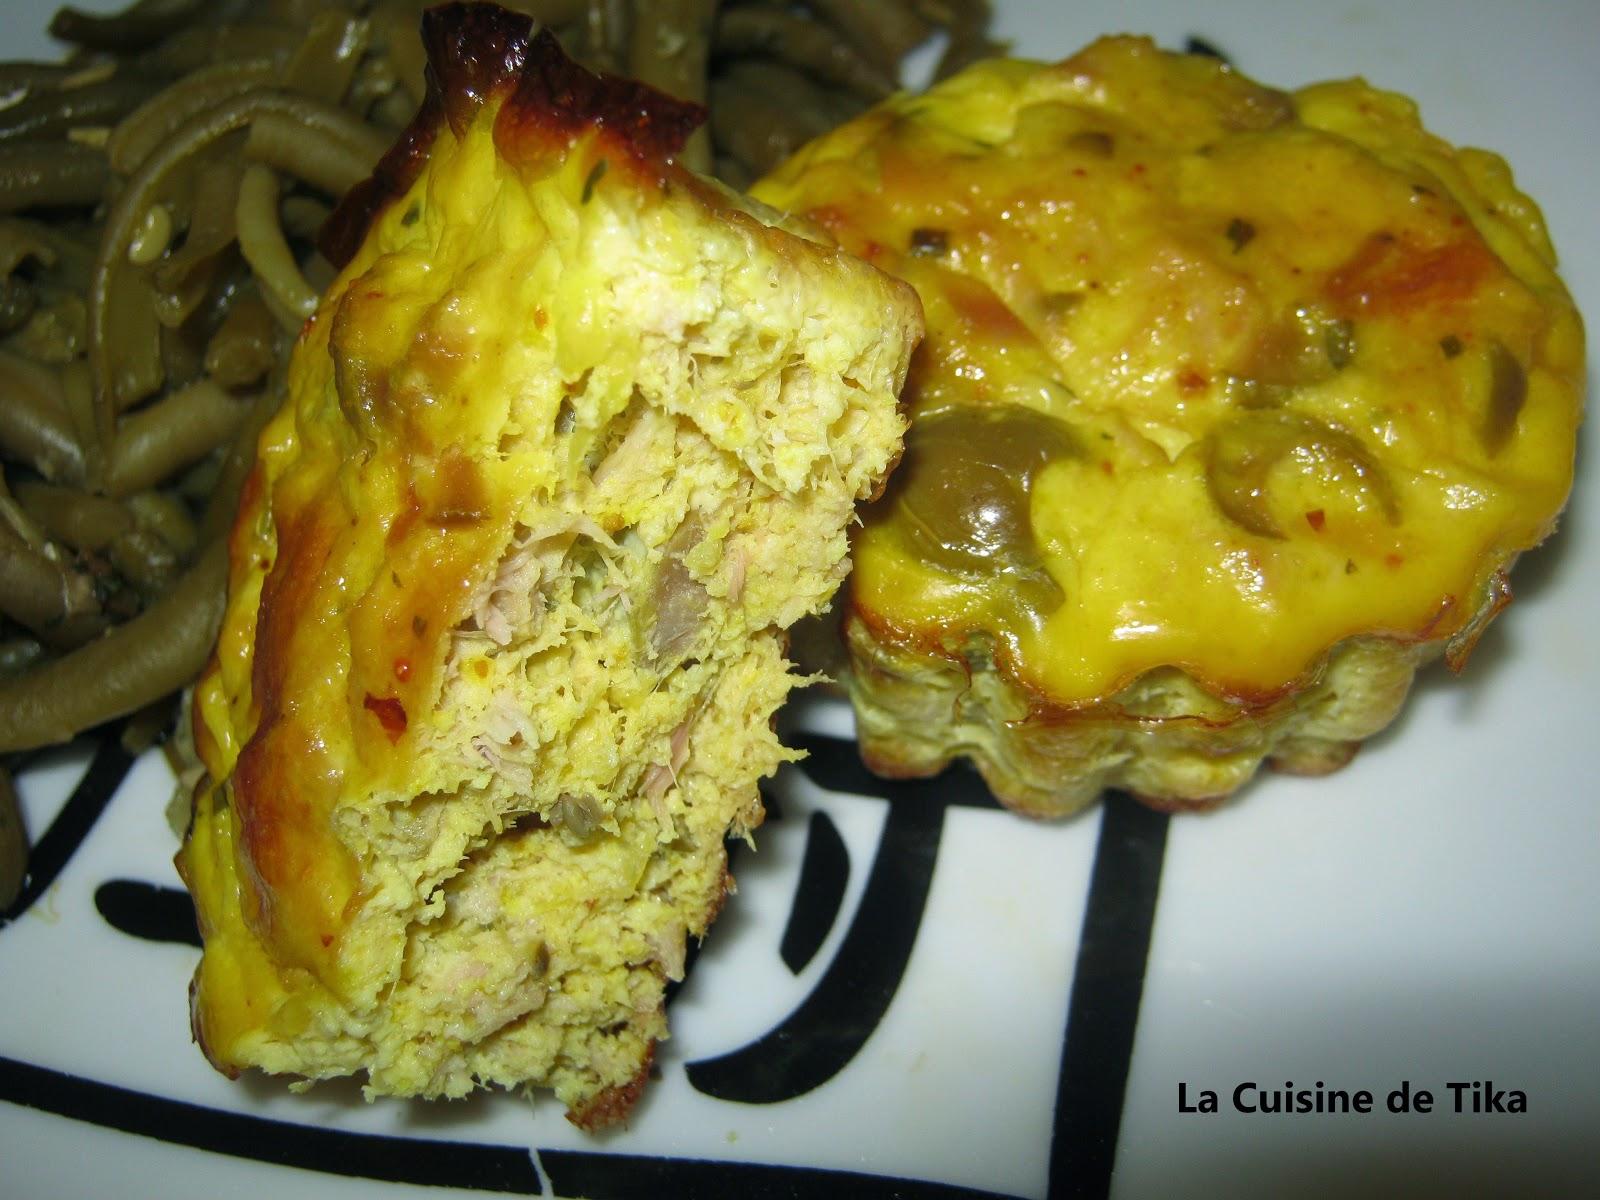 La cuisine de tika mars 2012 for Cuisine de quiches originales et gourmandes